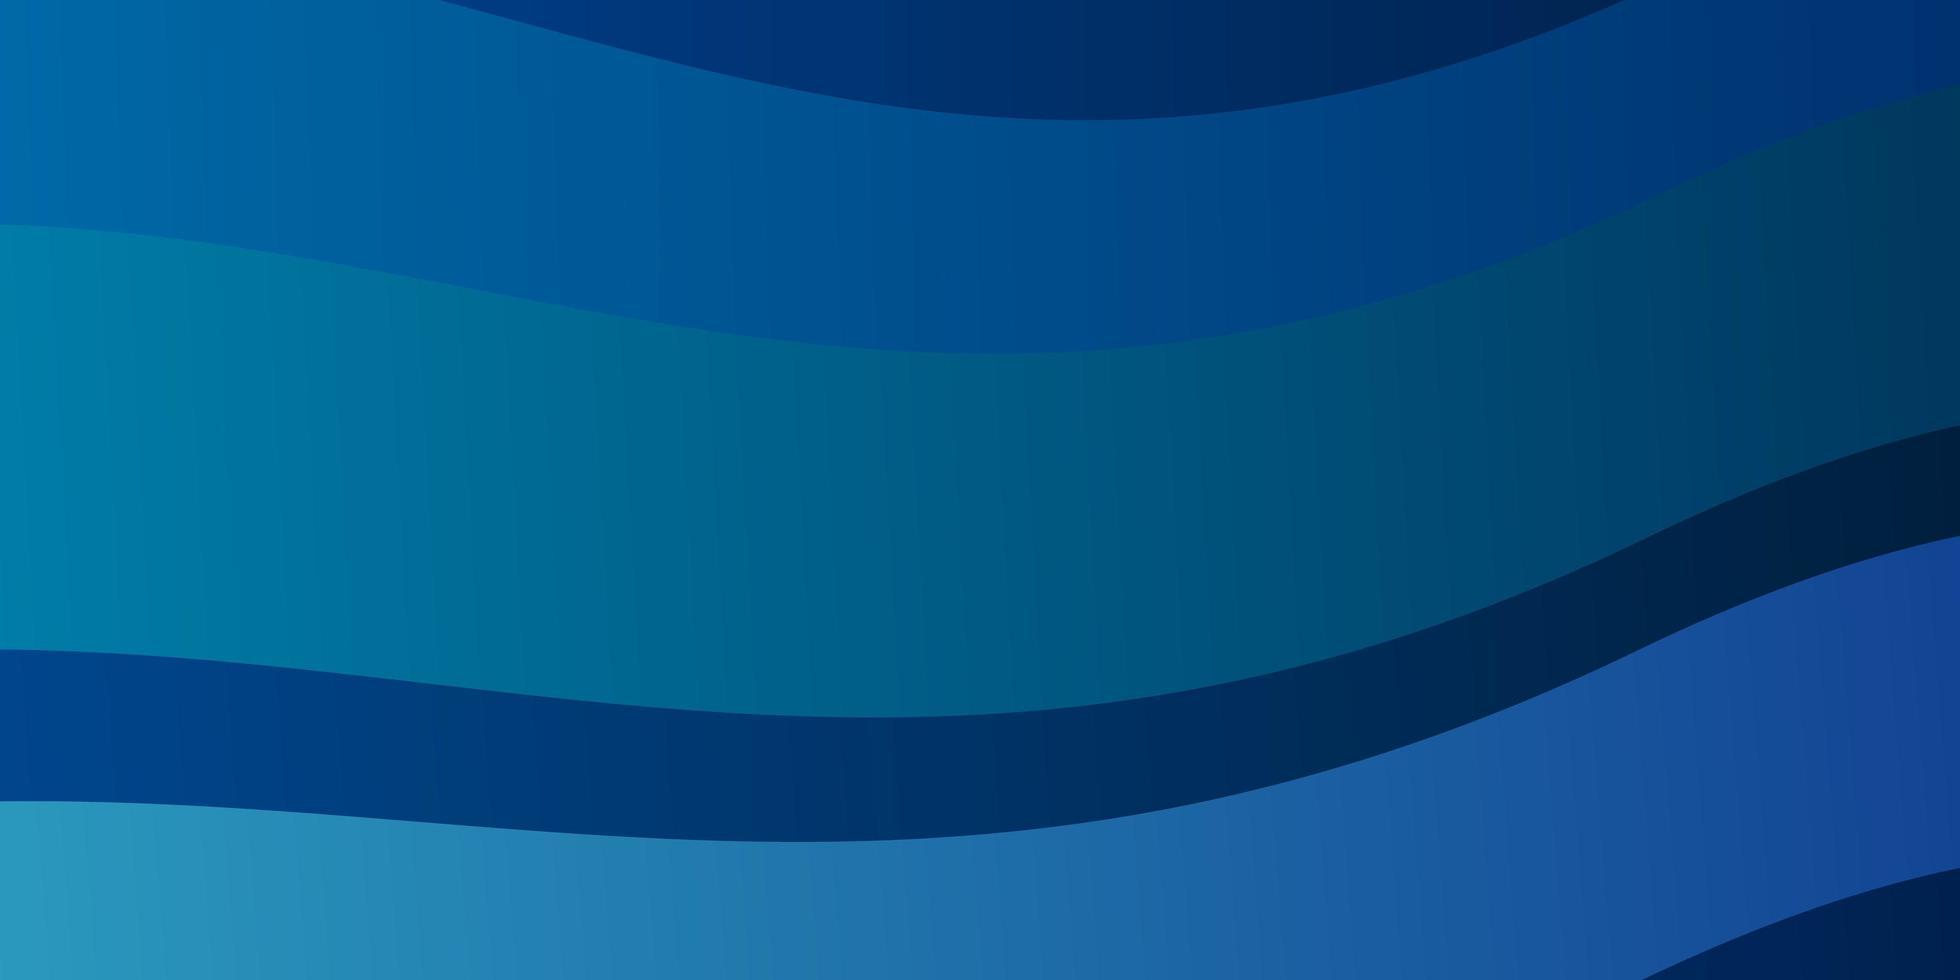 mise en page bleue avec des lignes pliées. vecteur